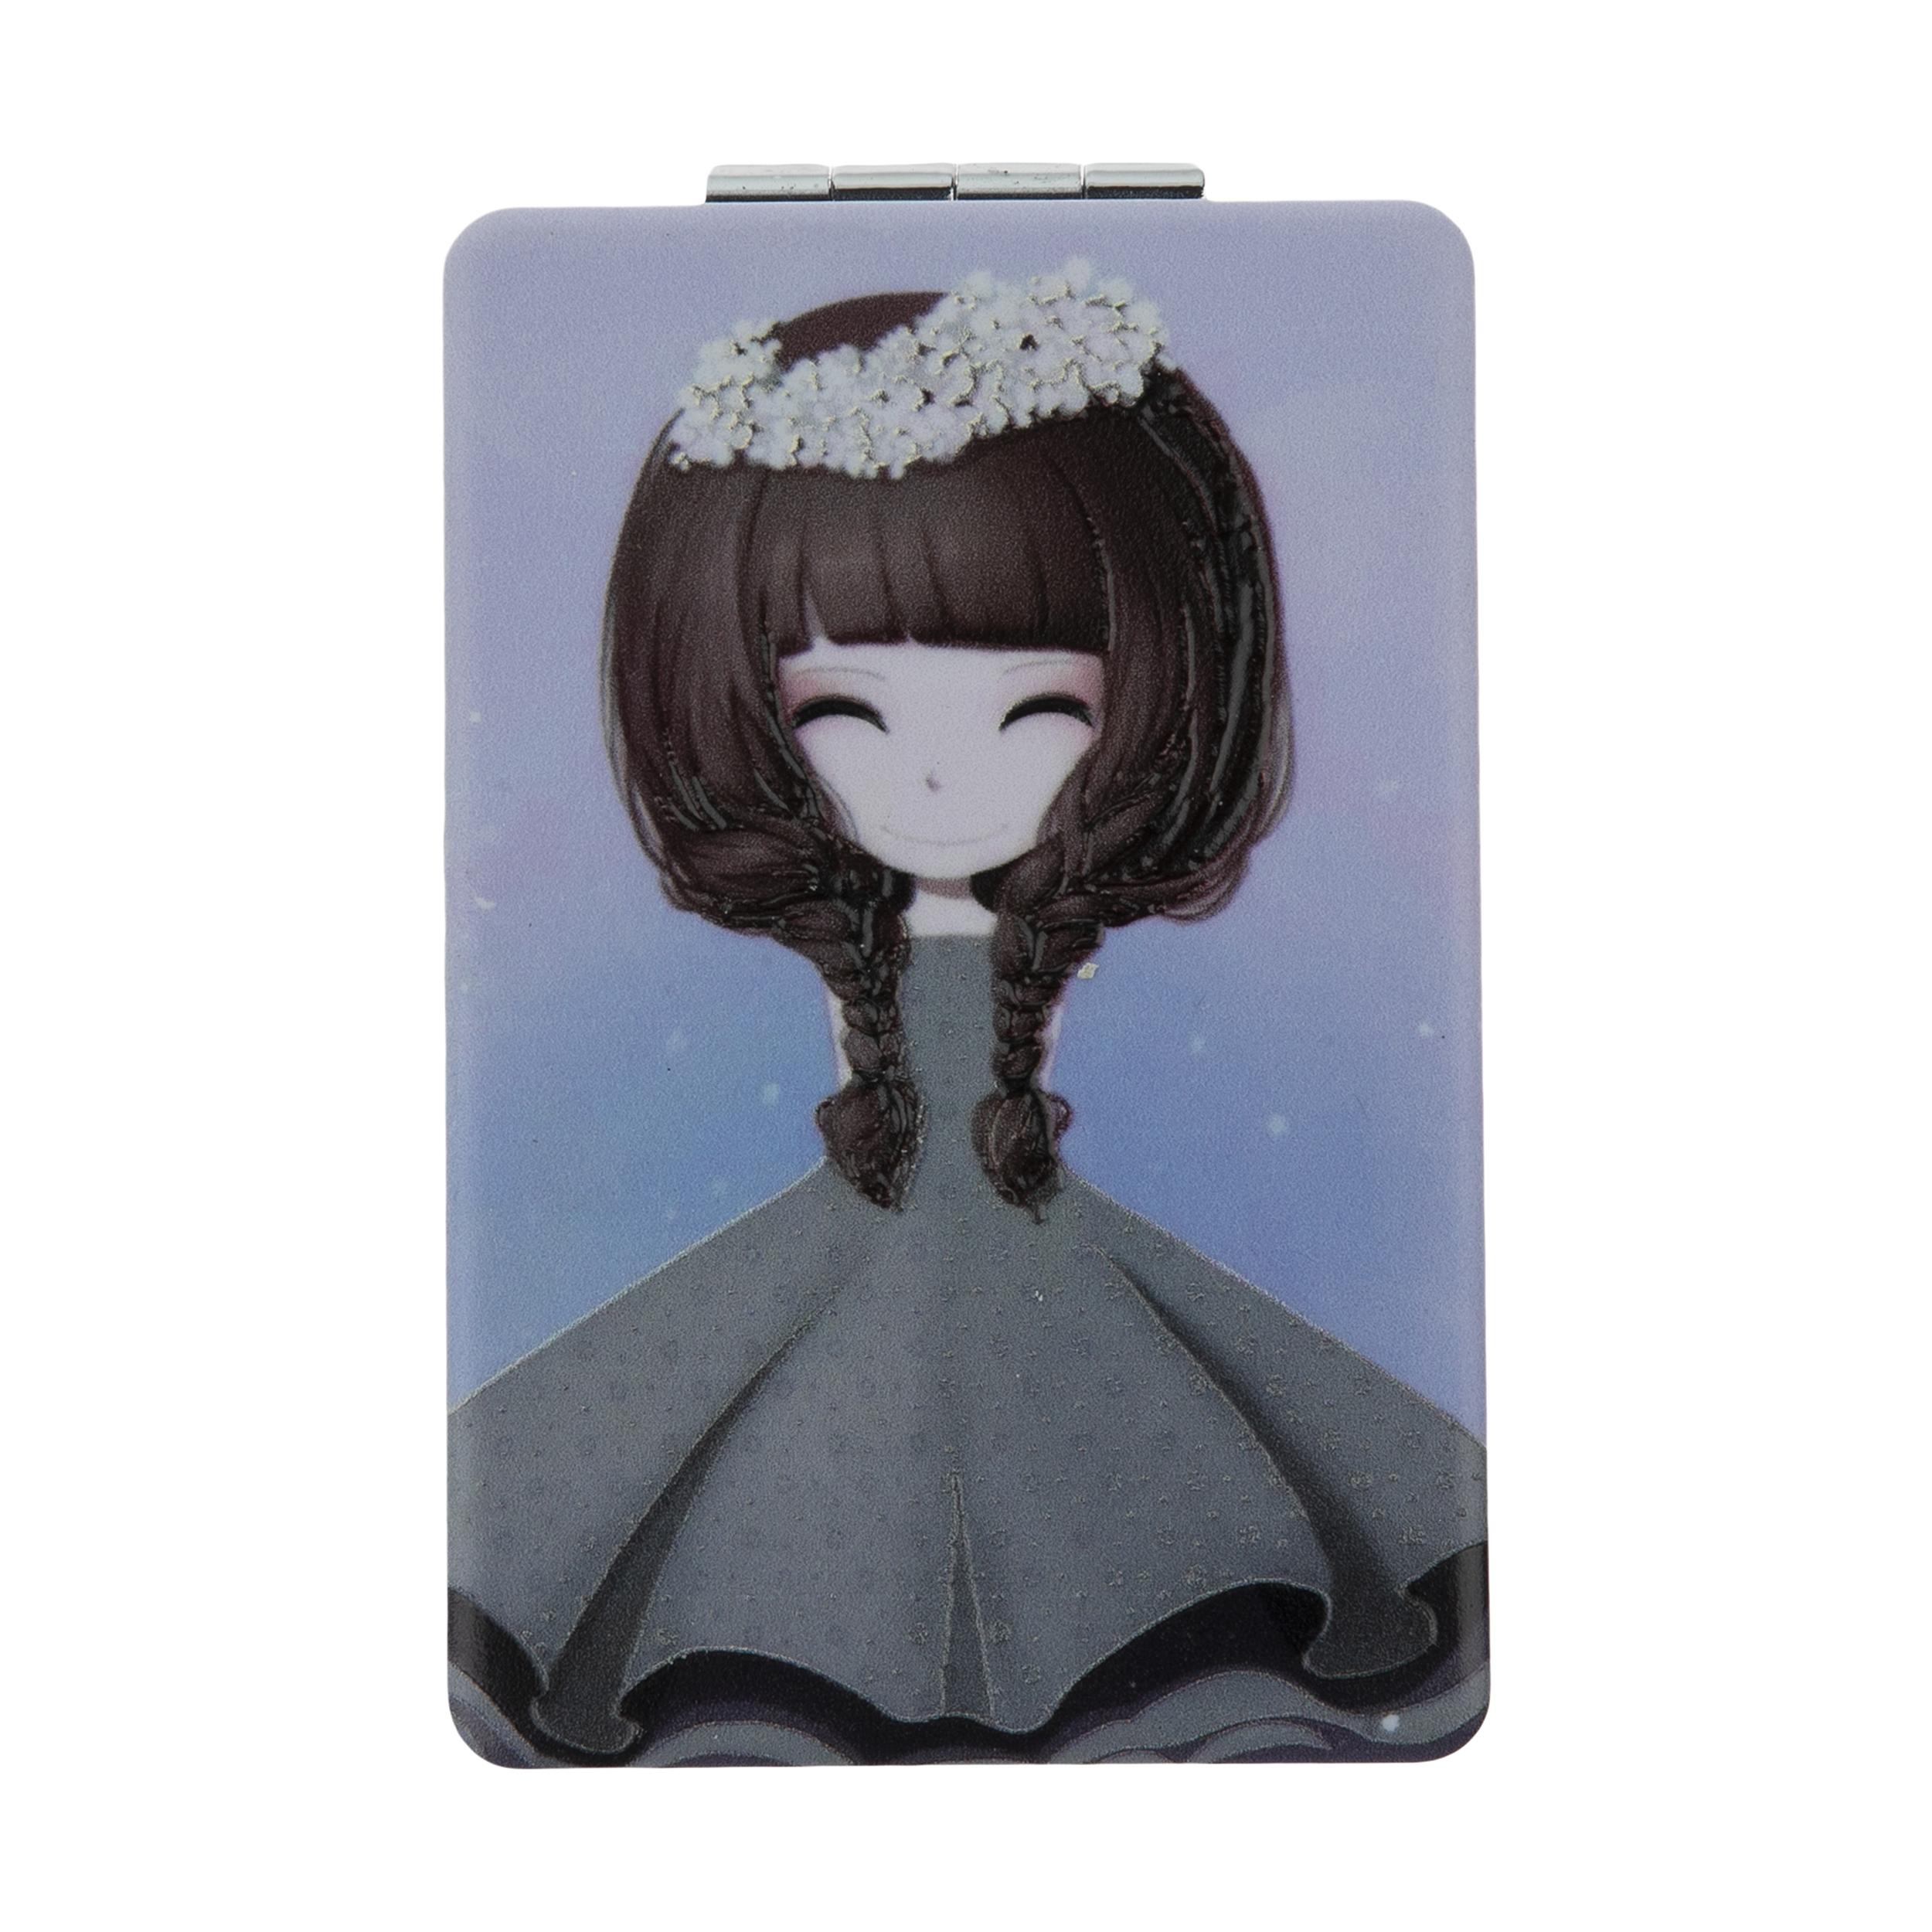 خرید                       آینه جیبی مدل BABY GIRL کد 32